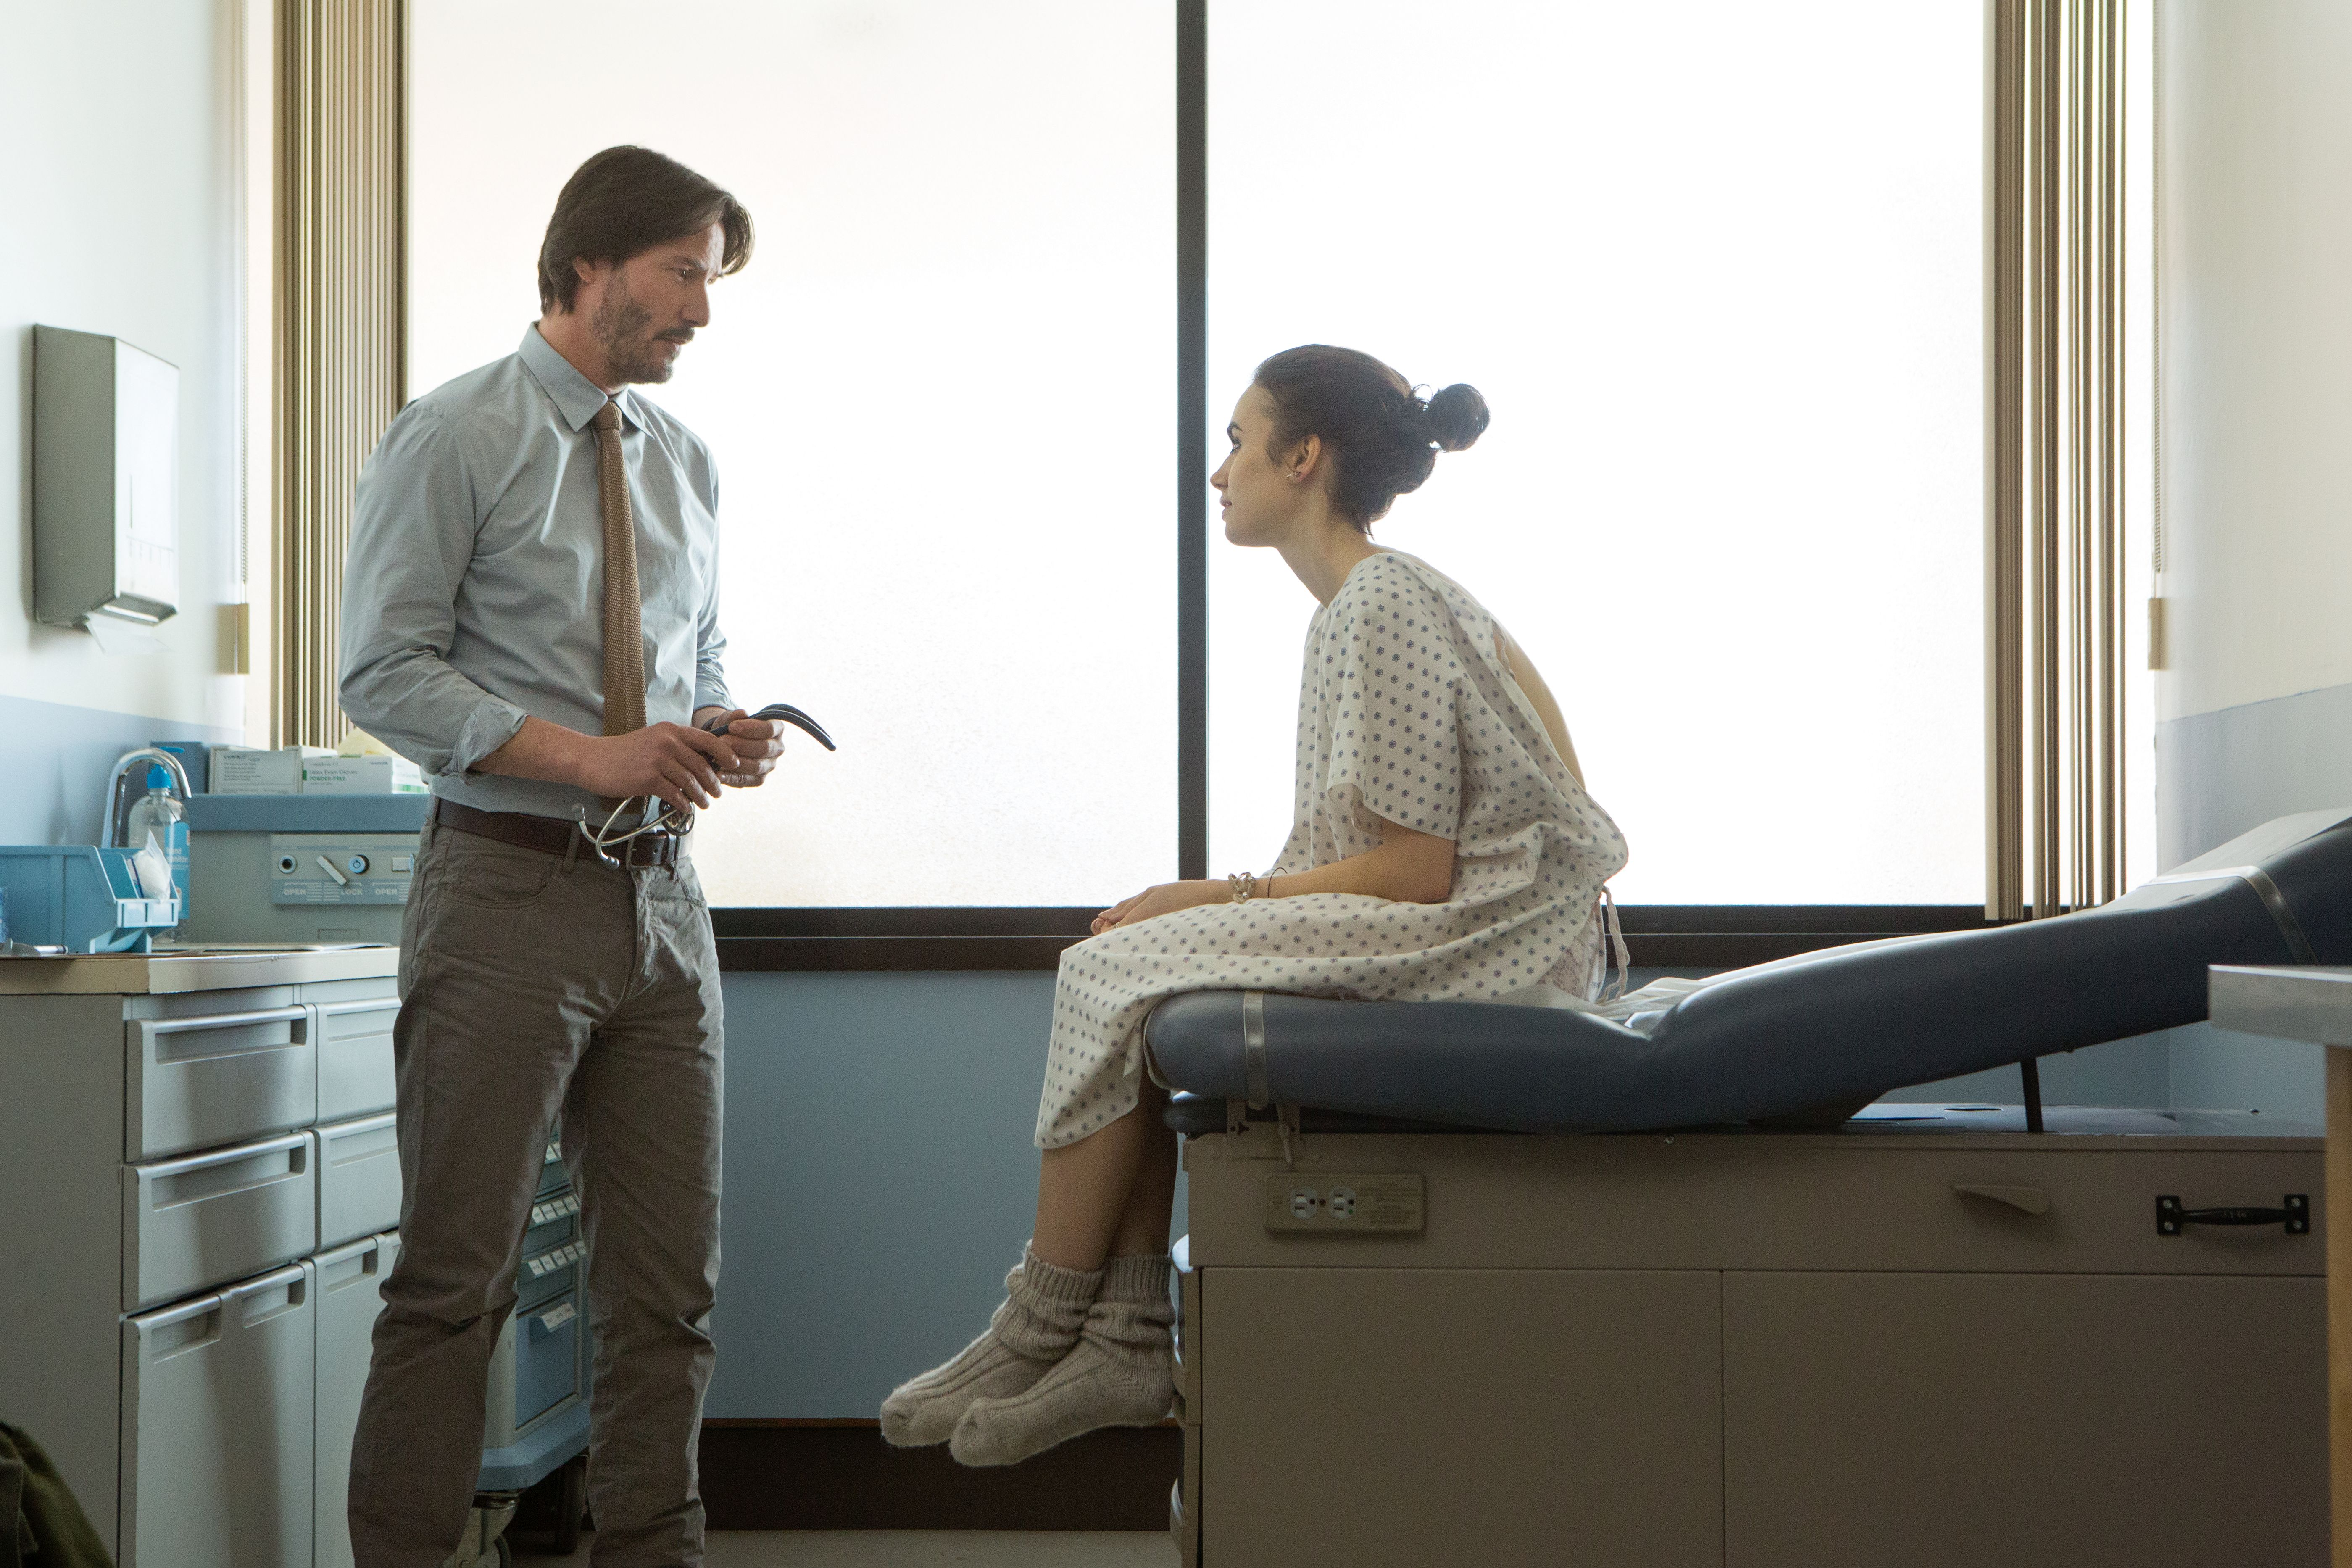 Fino all'osso: una scena con Keanu Reeves e Lily Collins